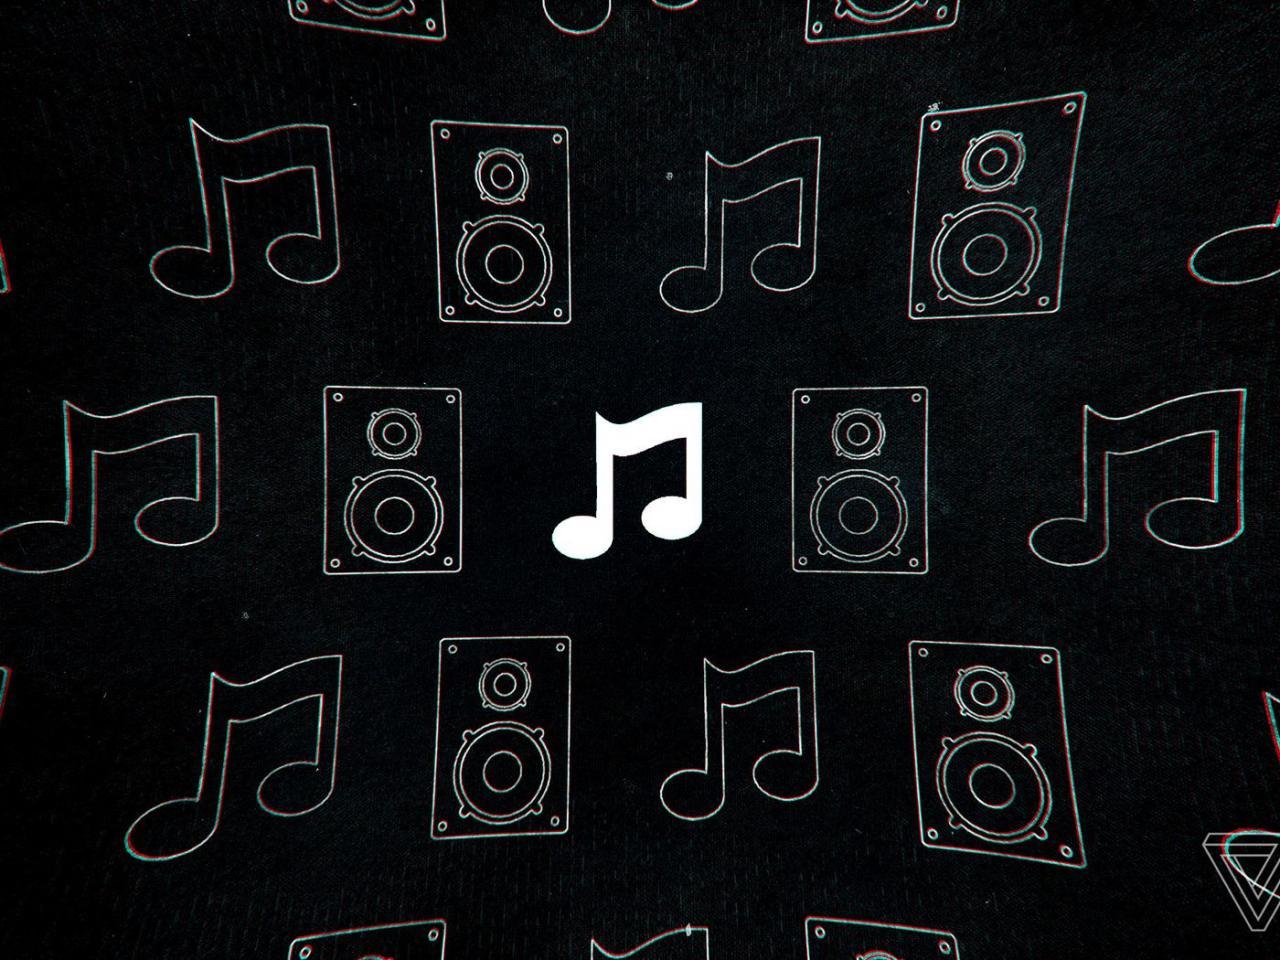 Top kho nhạc nền quảng cáo hay và nhiều nhạc nhất